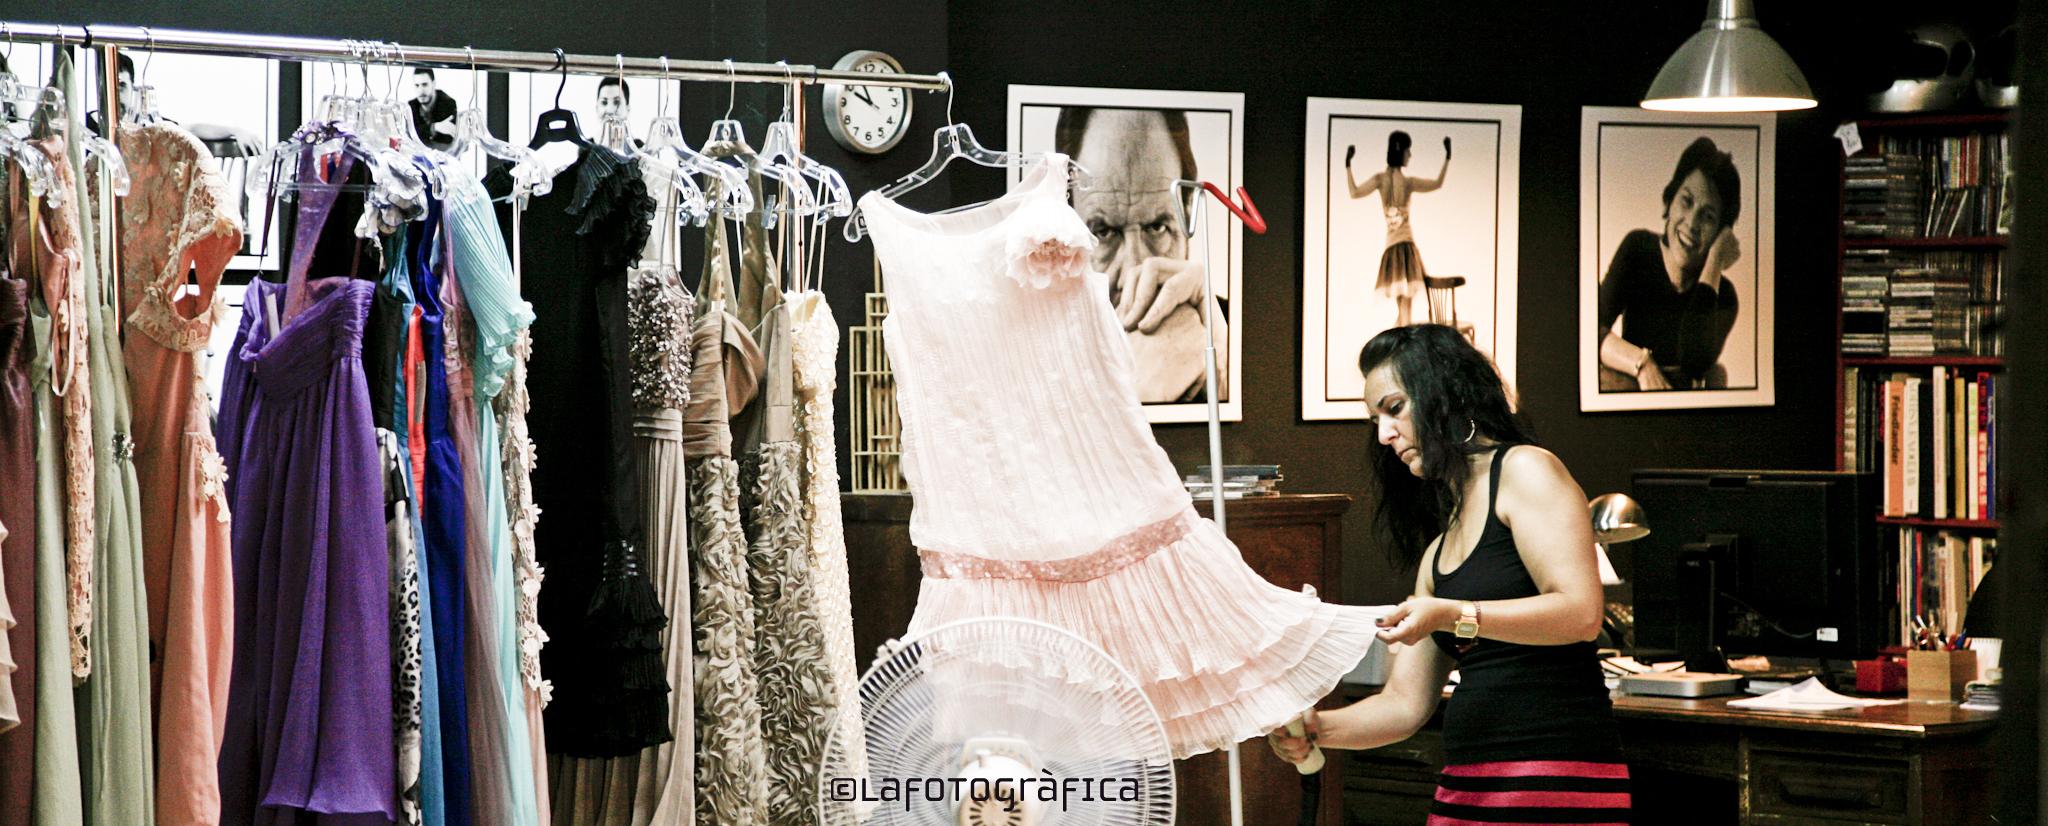 La Noemí preparant els vestits ©Lafotografica